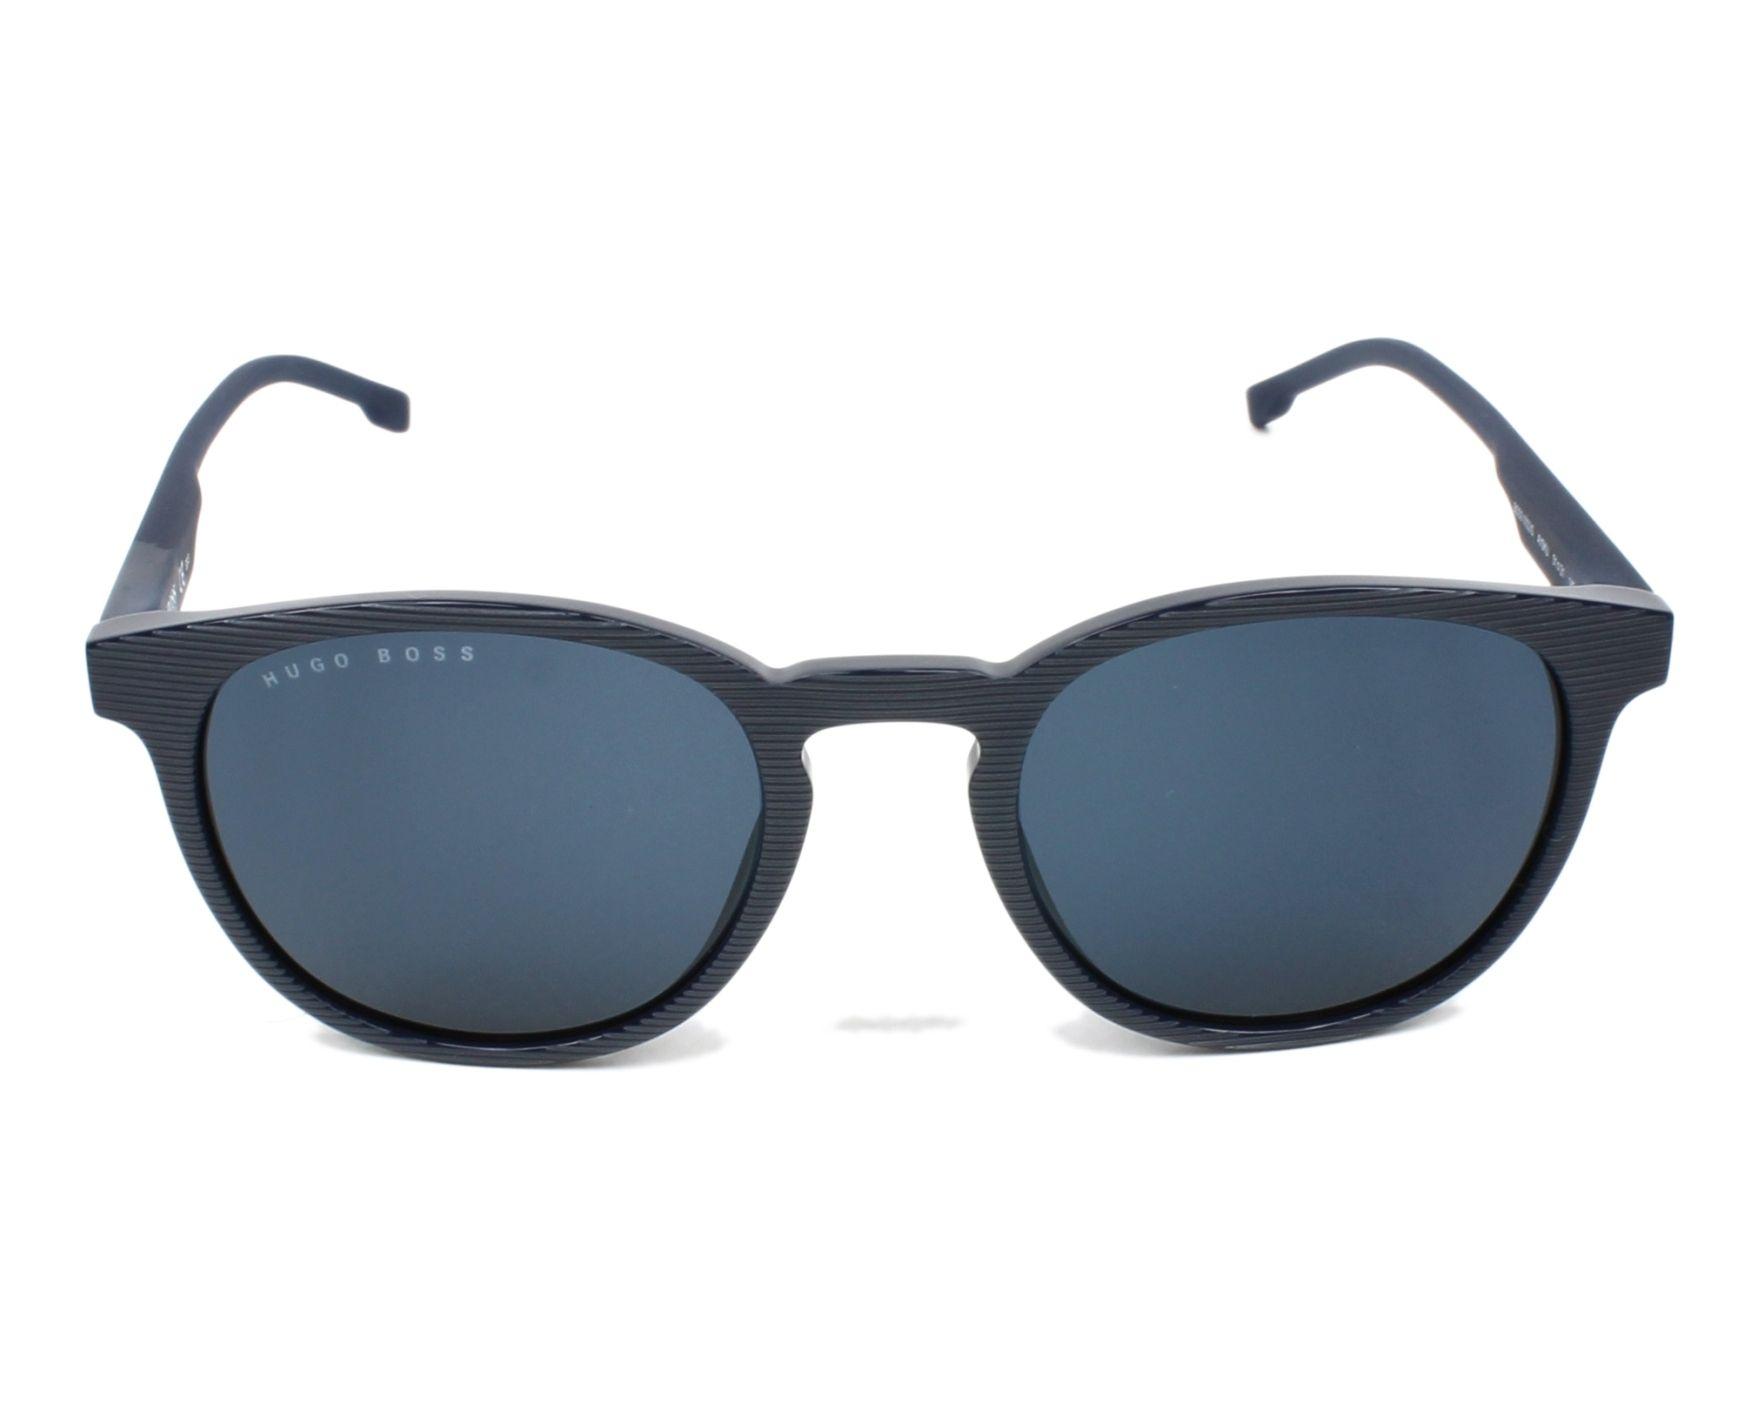 Lunettes de soleil hugo boss boss 0922 s avs ku bleu avec des verres bleu gris pour hommes - Verre lunette raye assurance ...